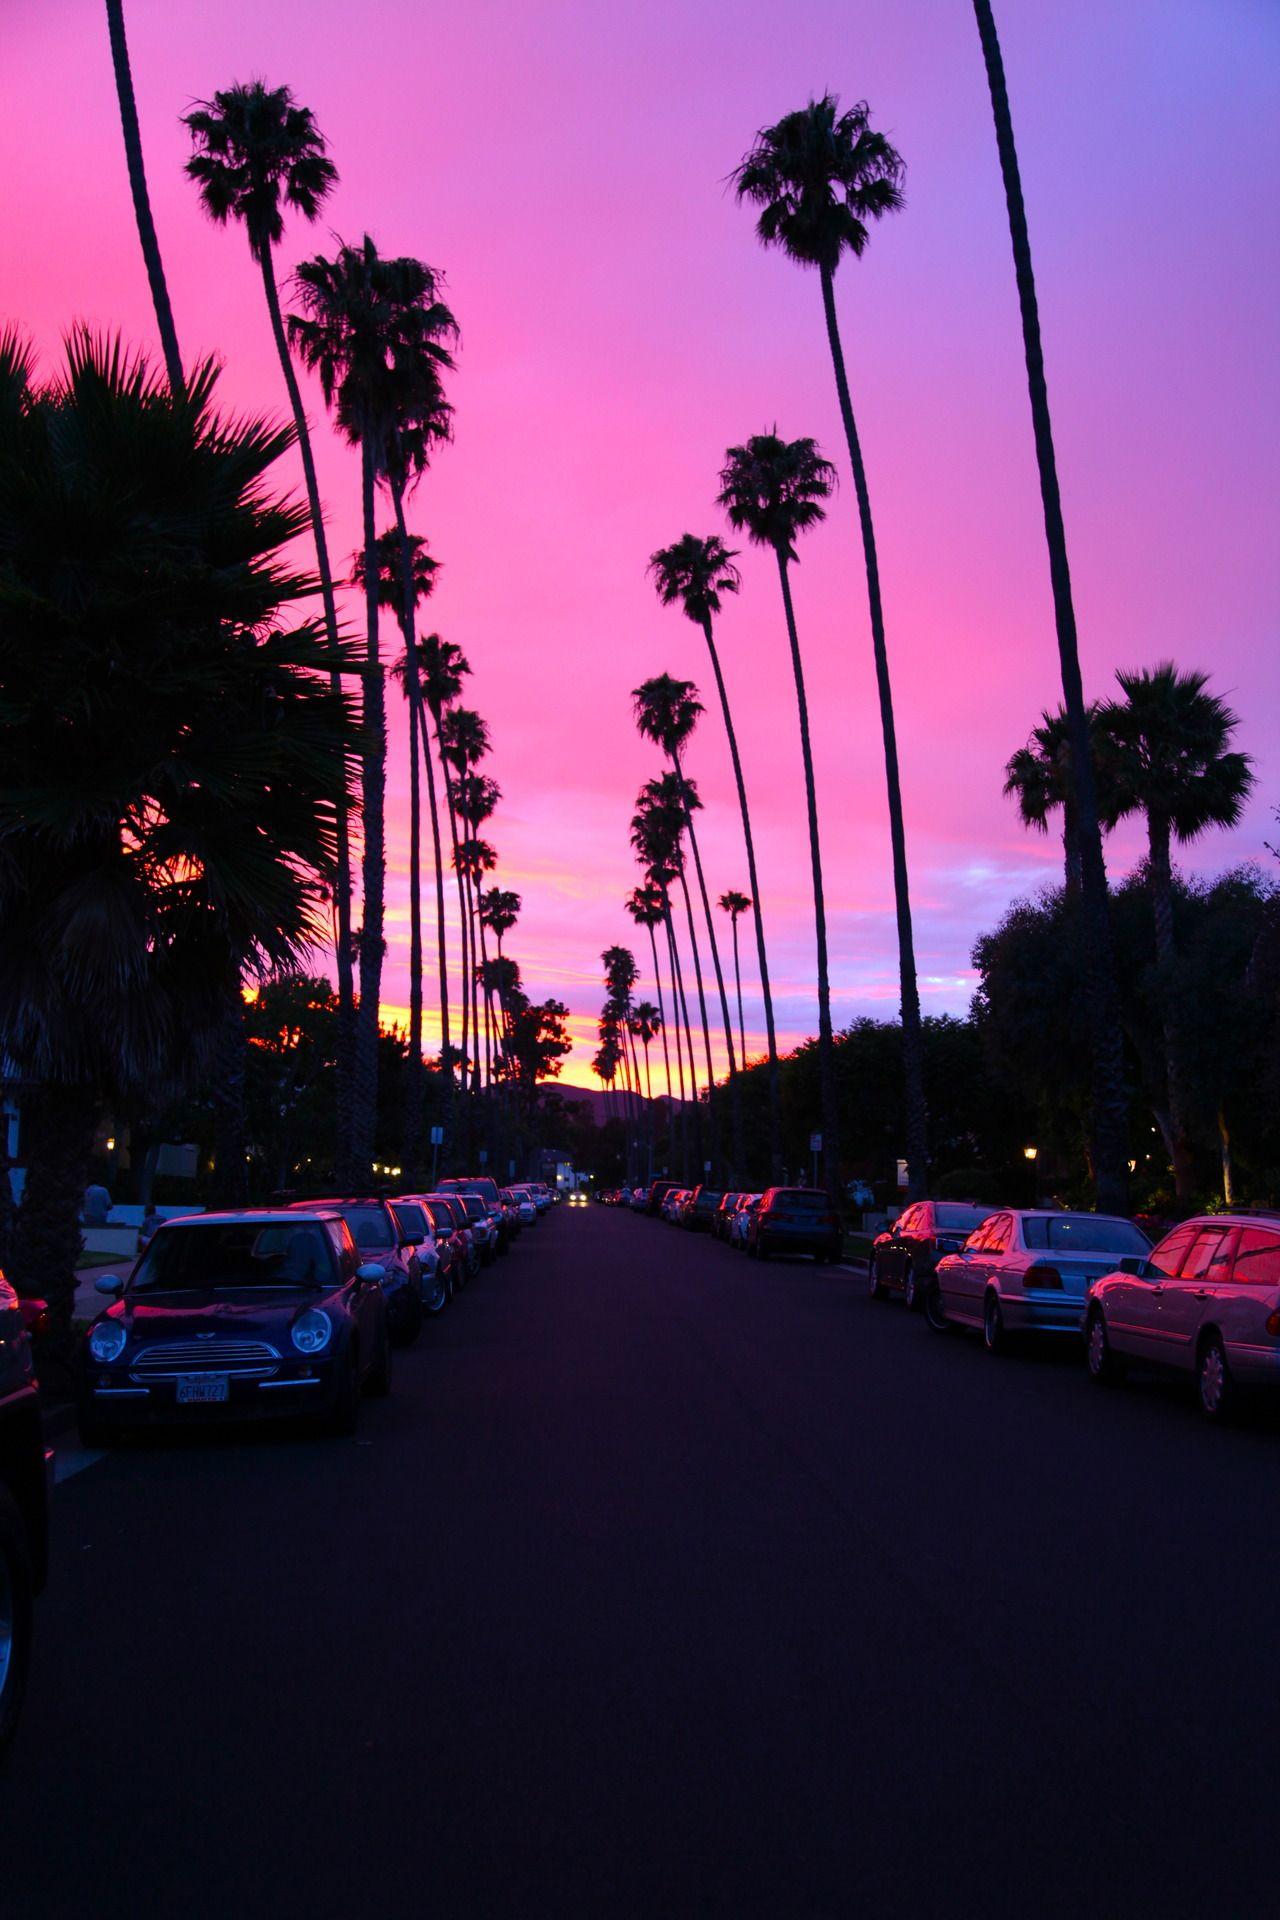 Cbreezzy California Sfondi Sfondi Per Telefono E Sfondi Carini